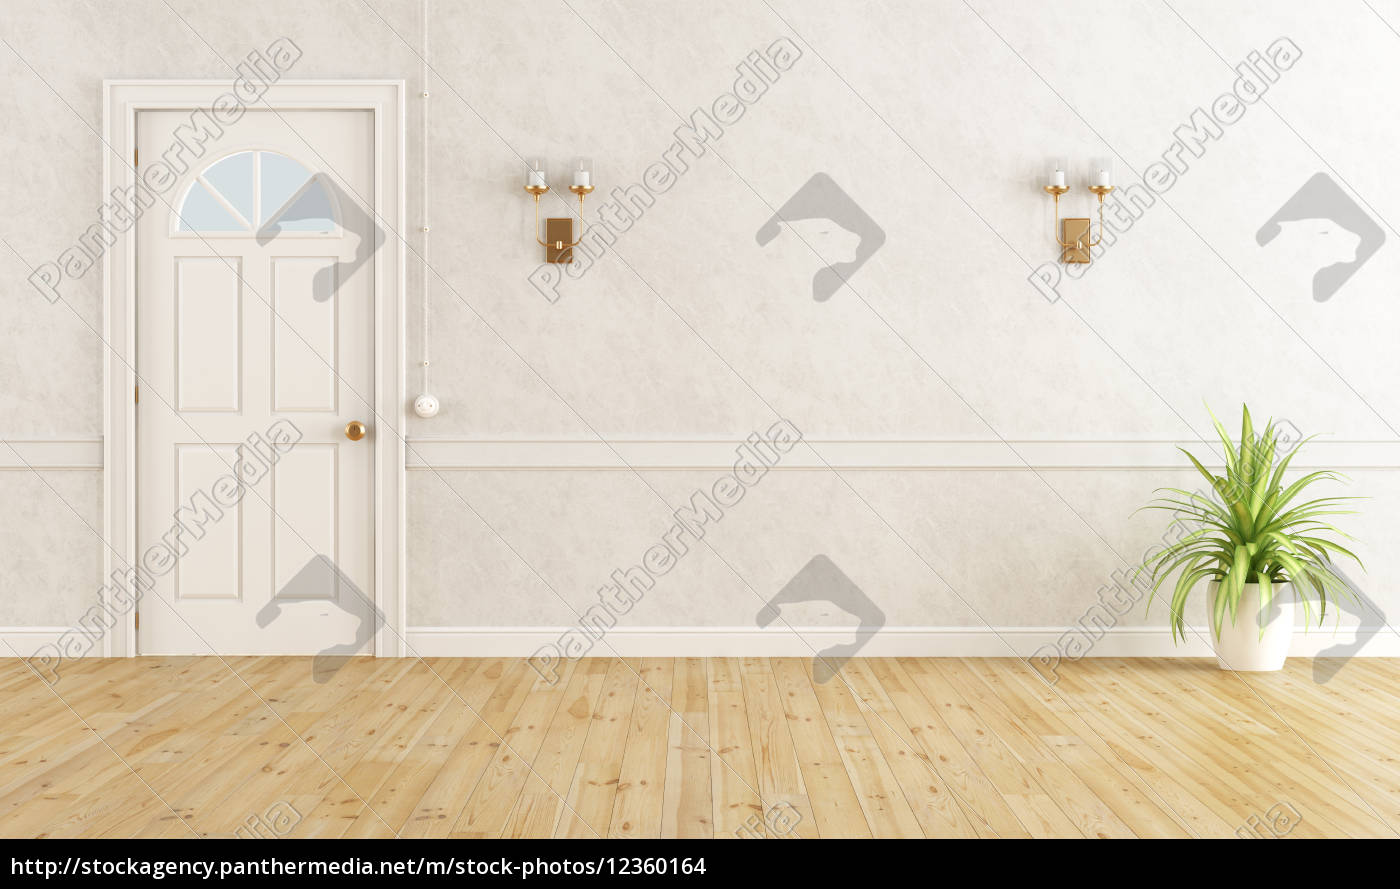 hvidt, klassisk, værelse - 12360164